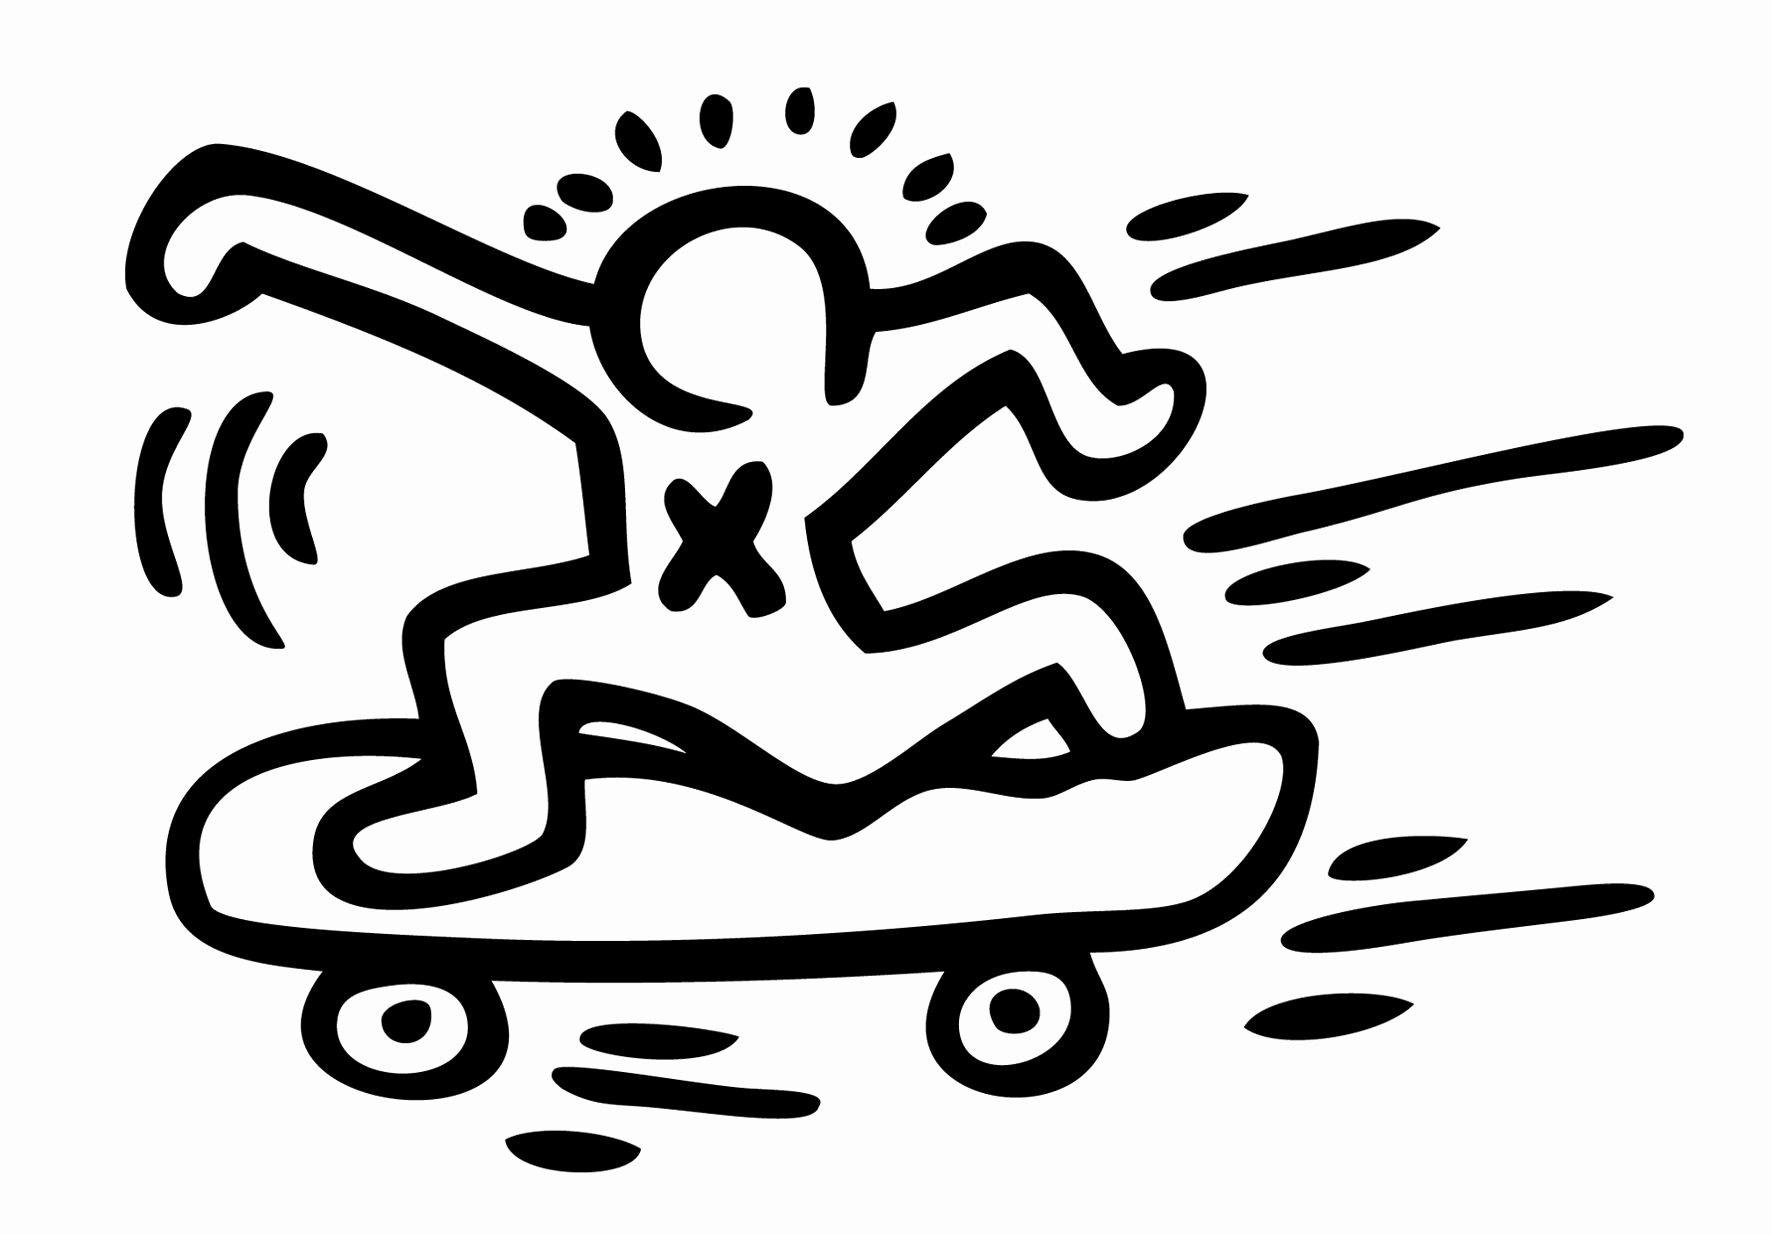 Neu Keith Haring Dessin (Mit Bildern)   Keith Haring, Keith innen Keith Haring Malvorlagen